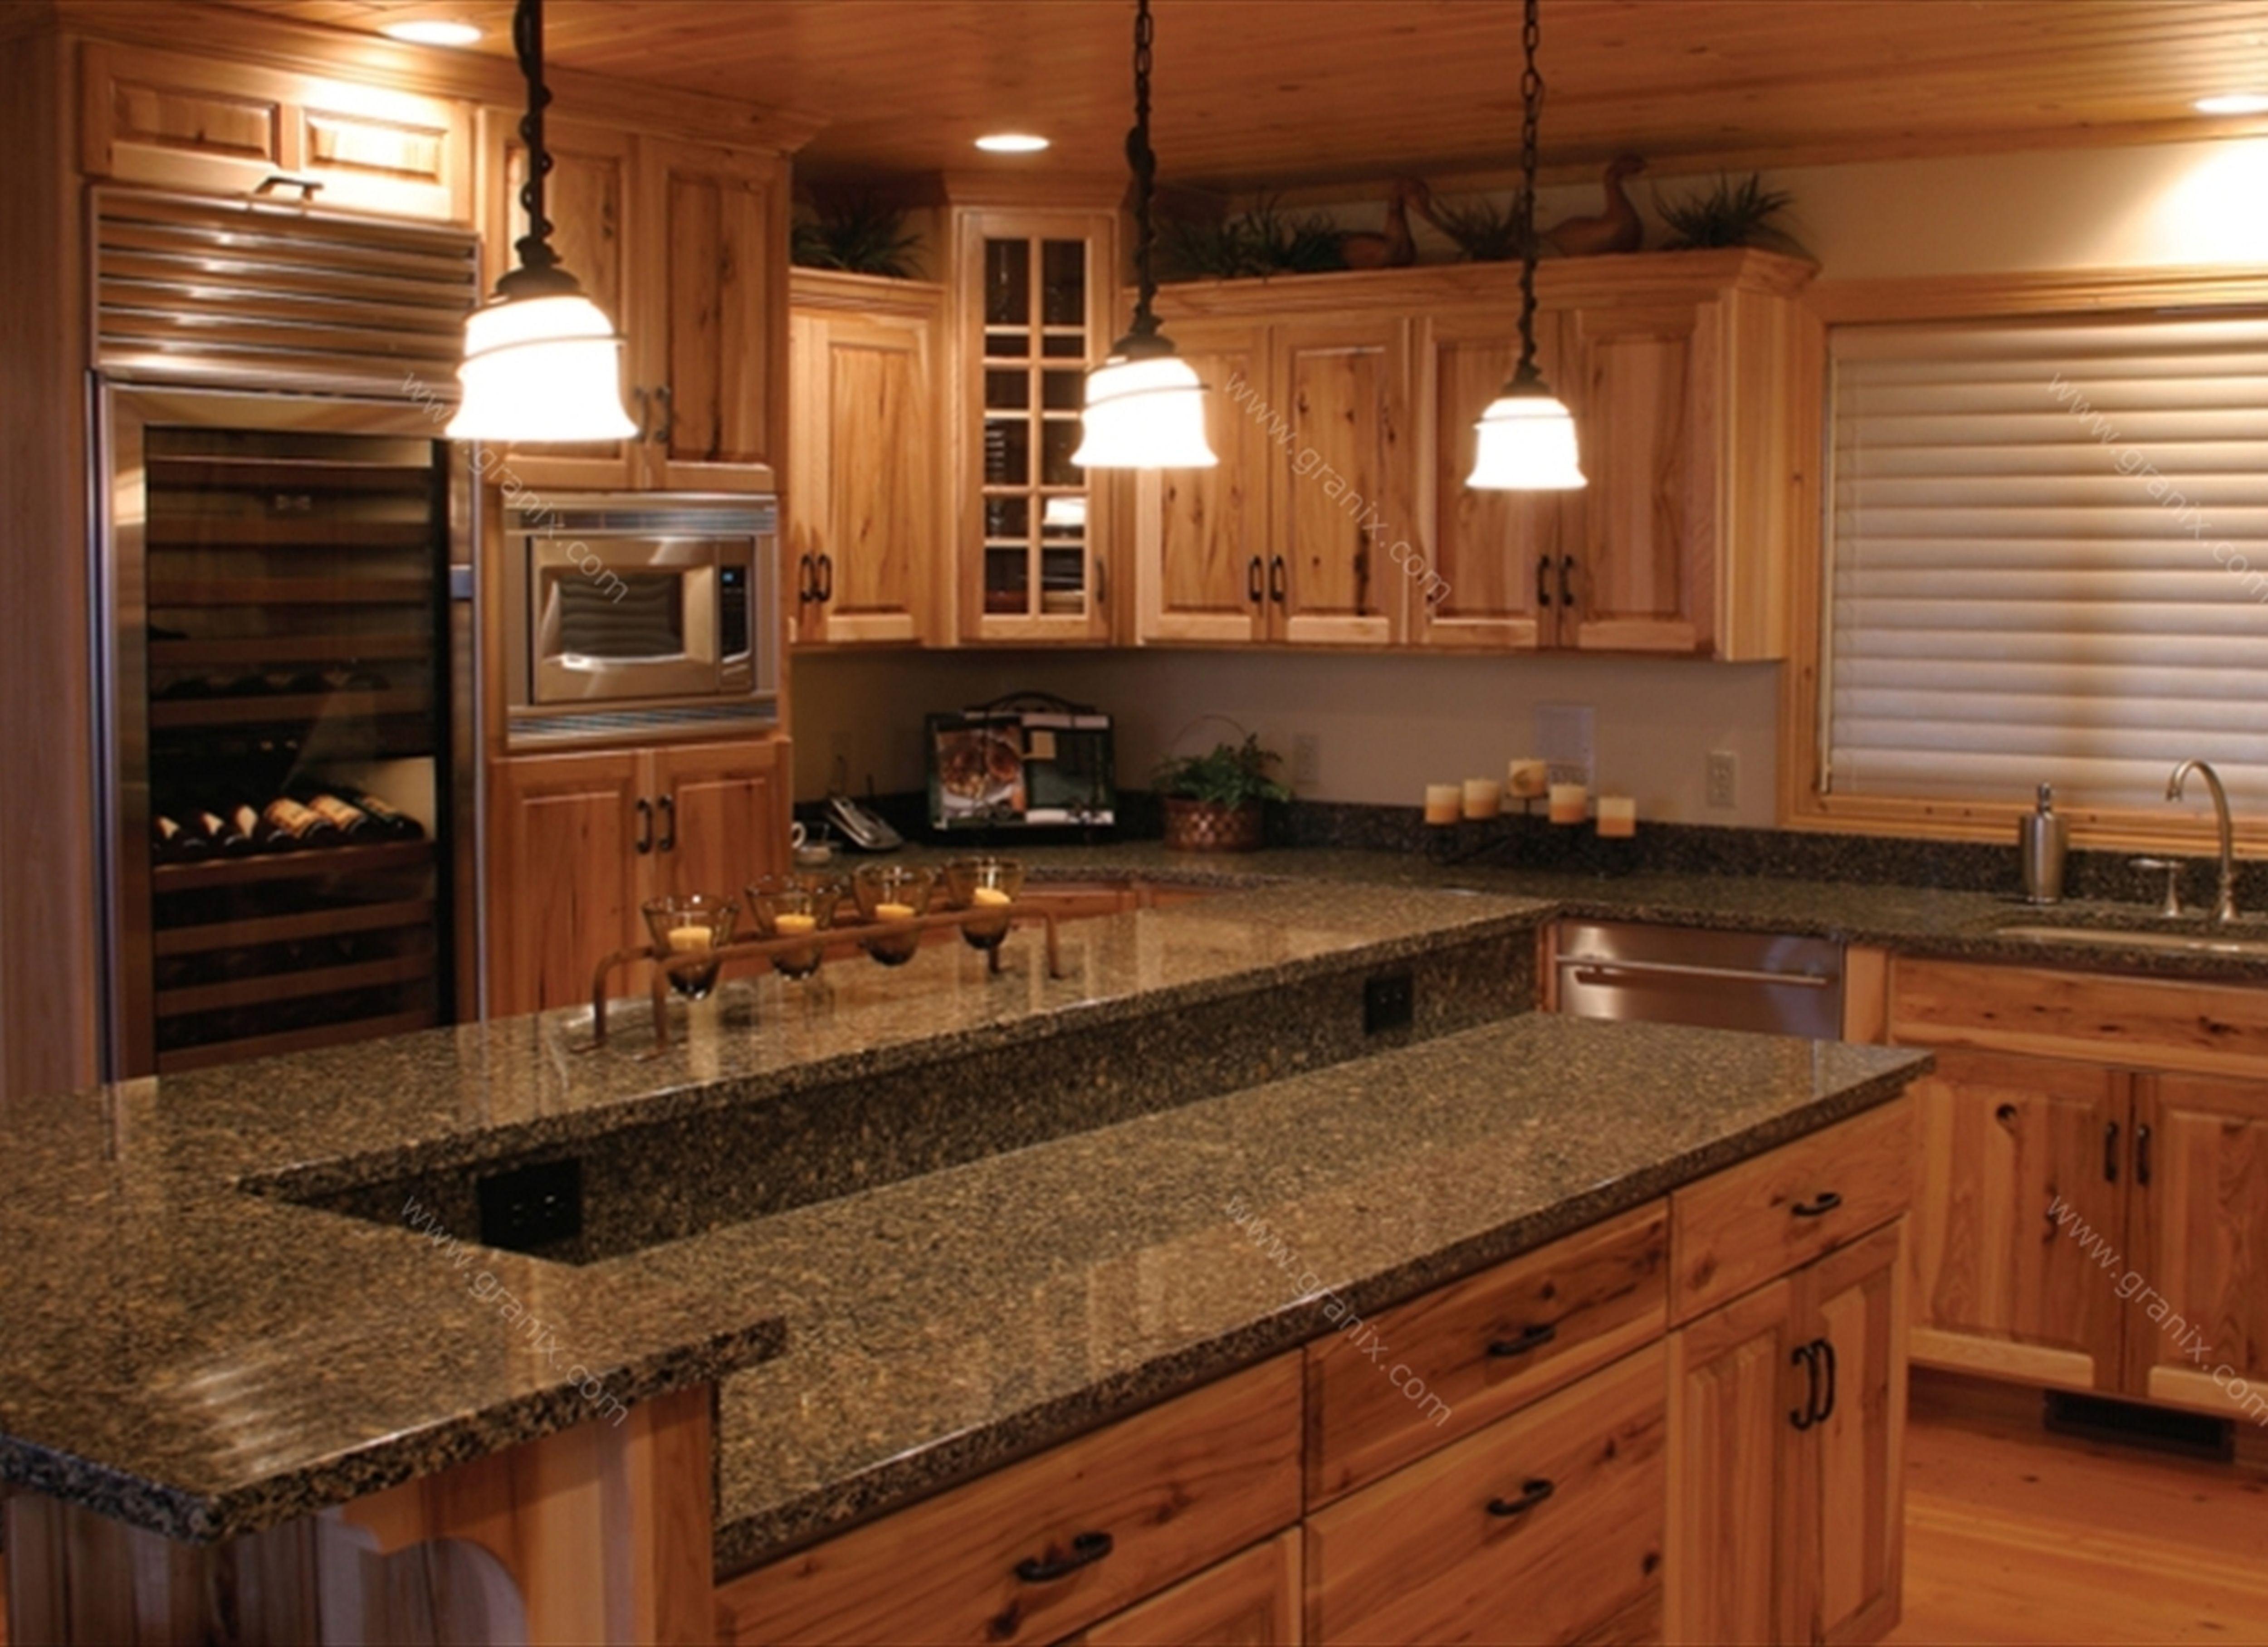 Cozy Lowes Quartz Countertops for Your Kitchen Design